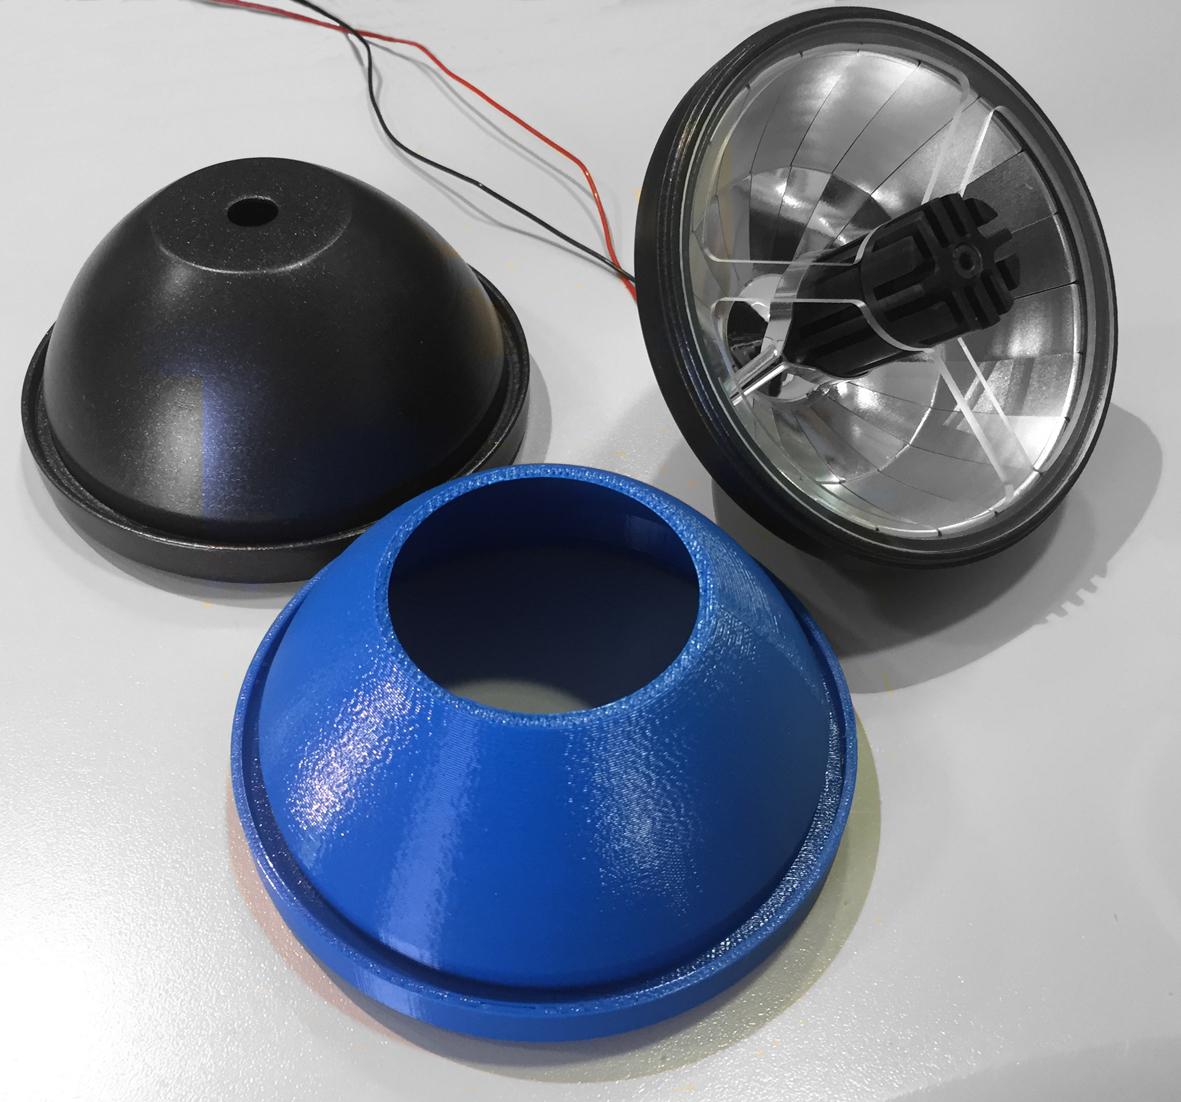 L'involucro realizzato per l'ottica per il retrofit di un sistema AR 111 (courtesy: Almeco Group)